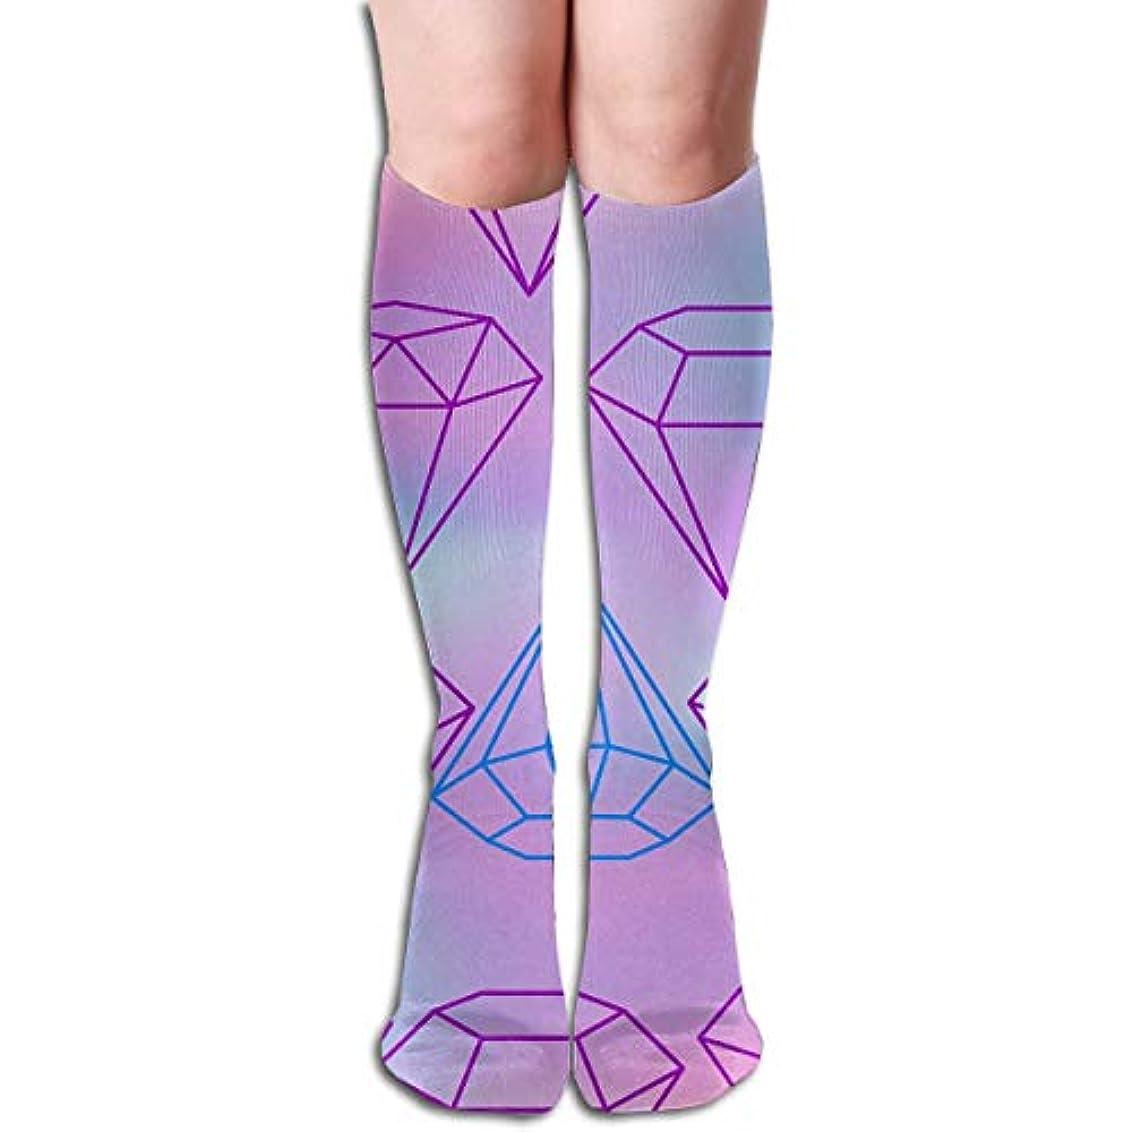 終わった砂利手qrriyクリスタルチューブストッキングレディース冬暖かい膝高靴下ブーツ靴下